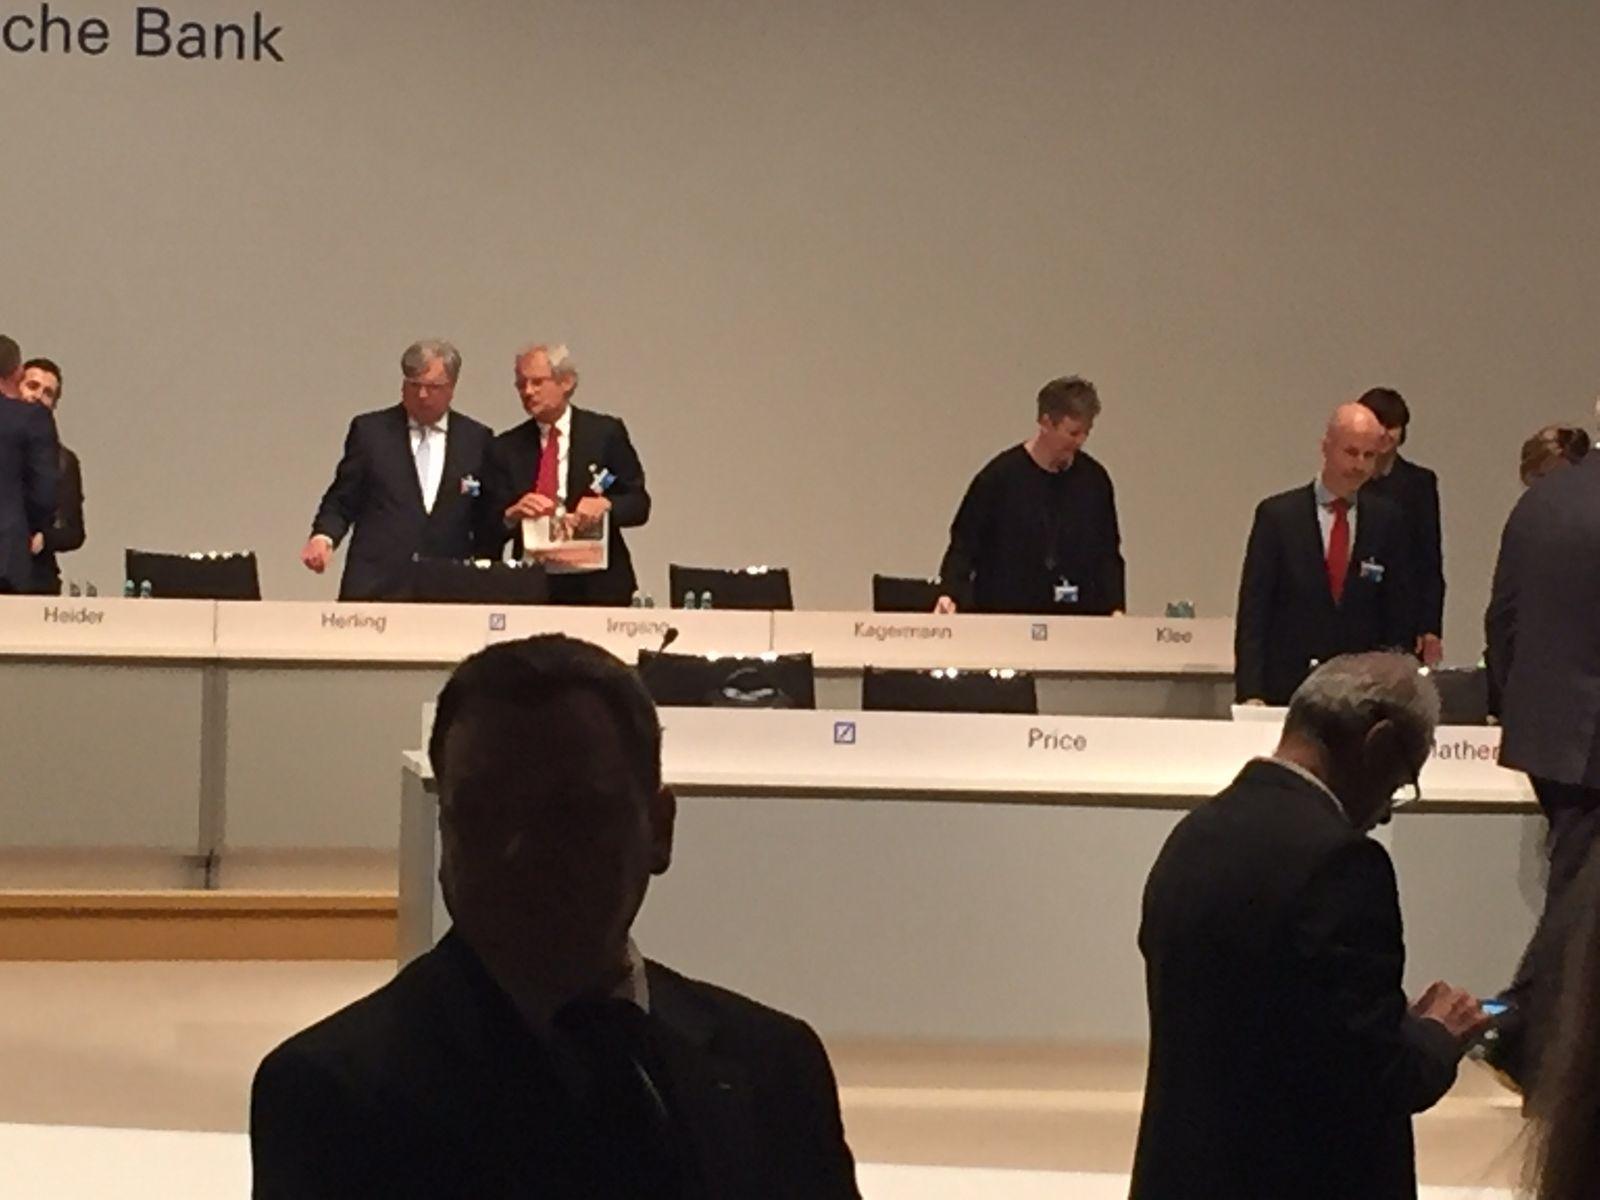 Deutsche Bank / HV